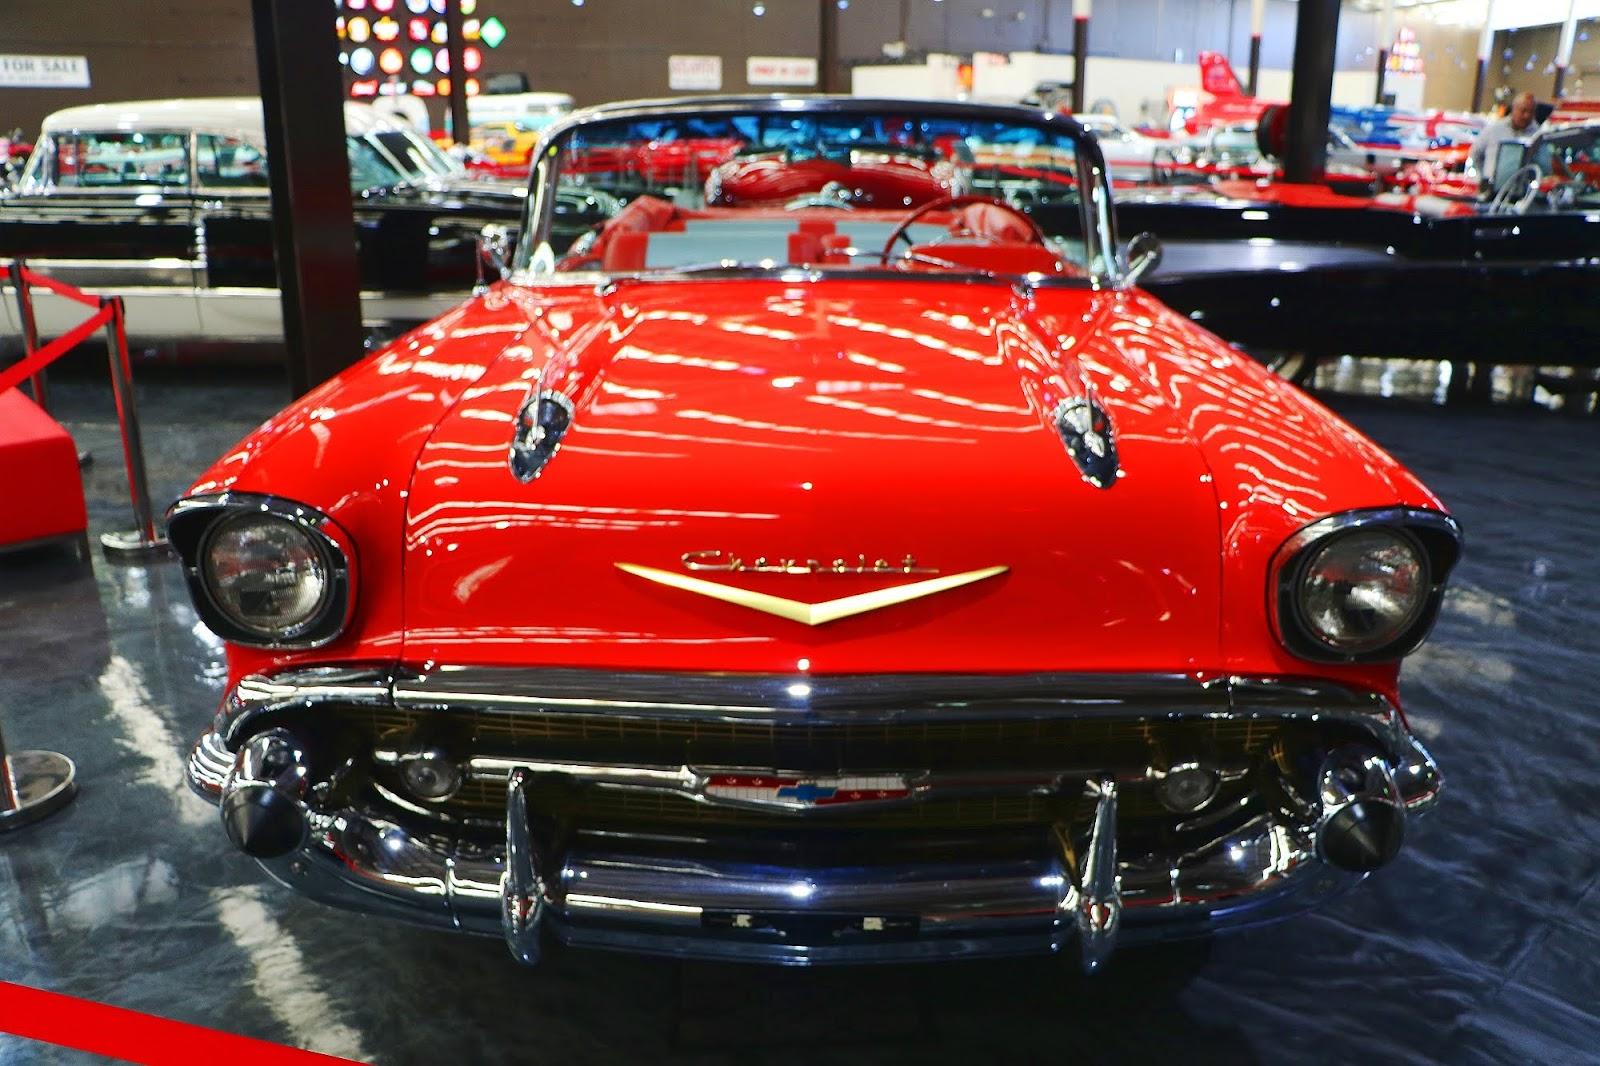 1957 Chevrolet Bel Air (Red) (07).jpg